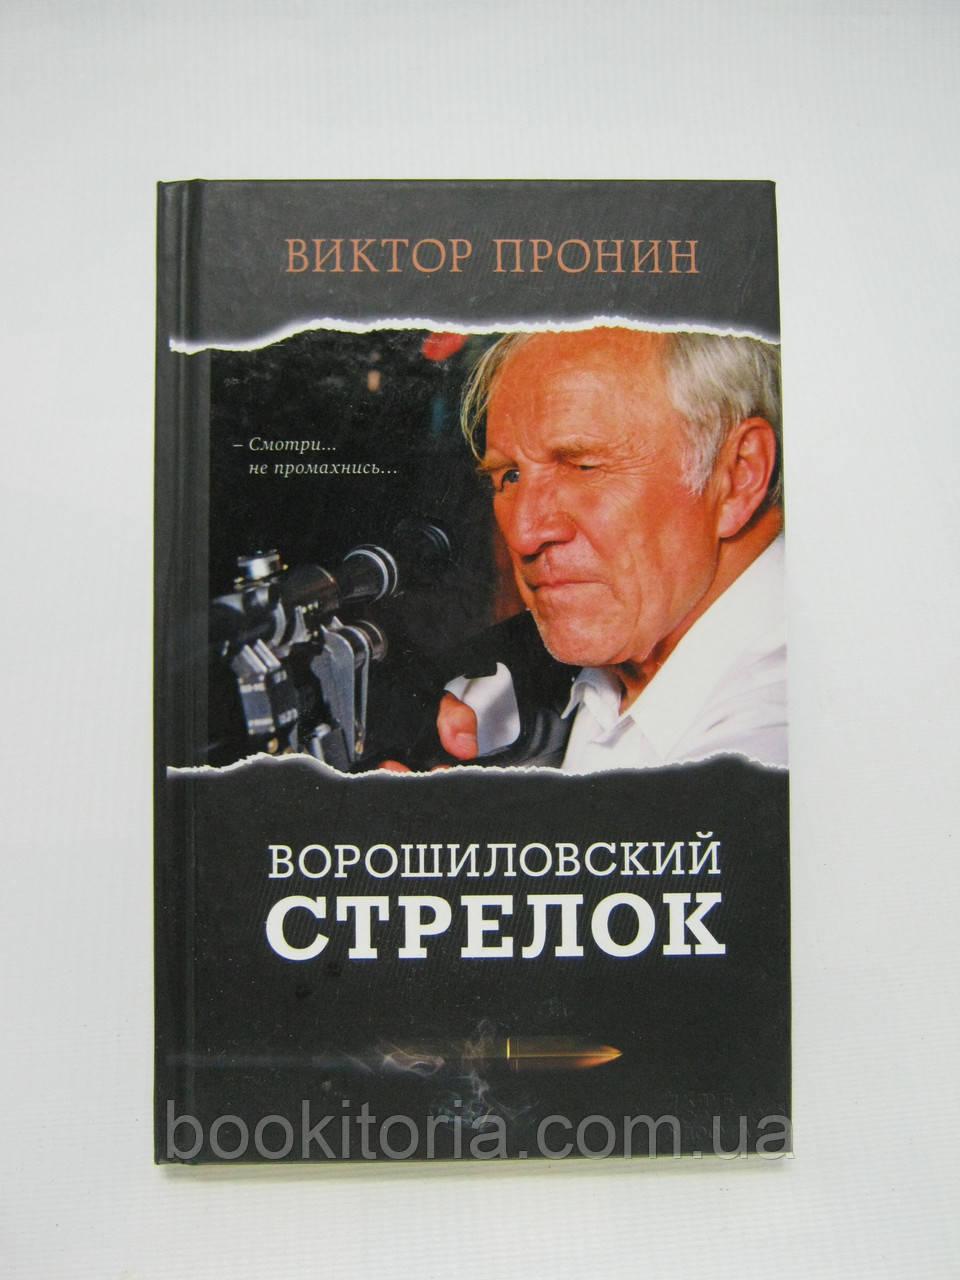 Пронин В. Ворошиловский стрелок (б/у).